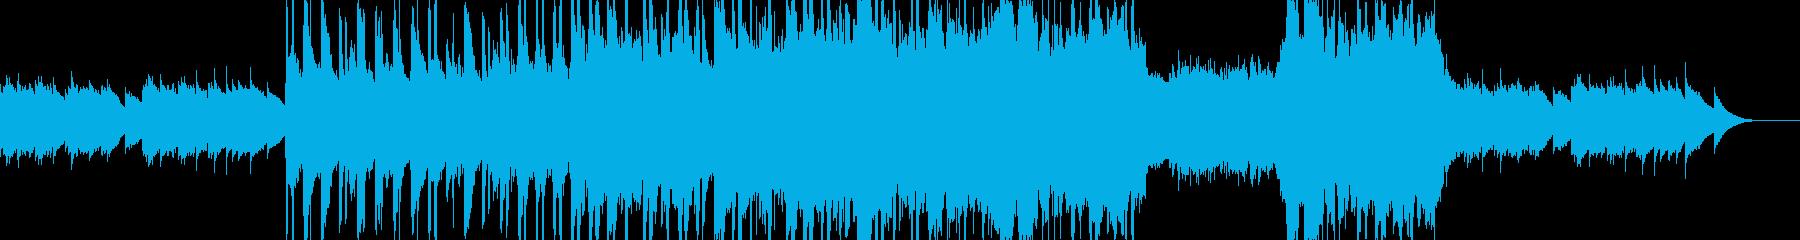 木管が奏でるノスタルジーな曲の再生済みの波形